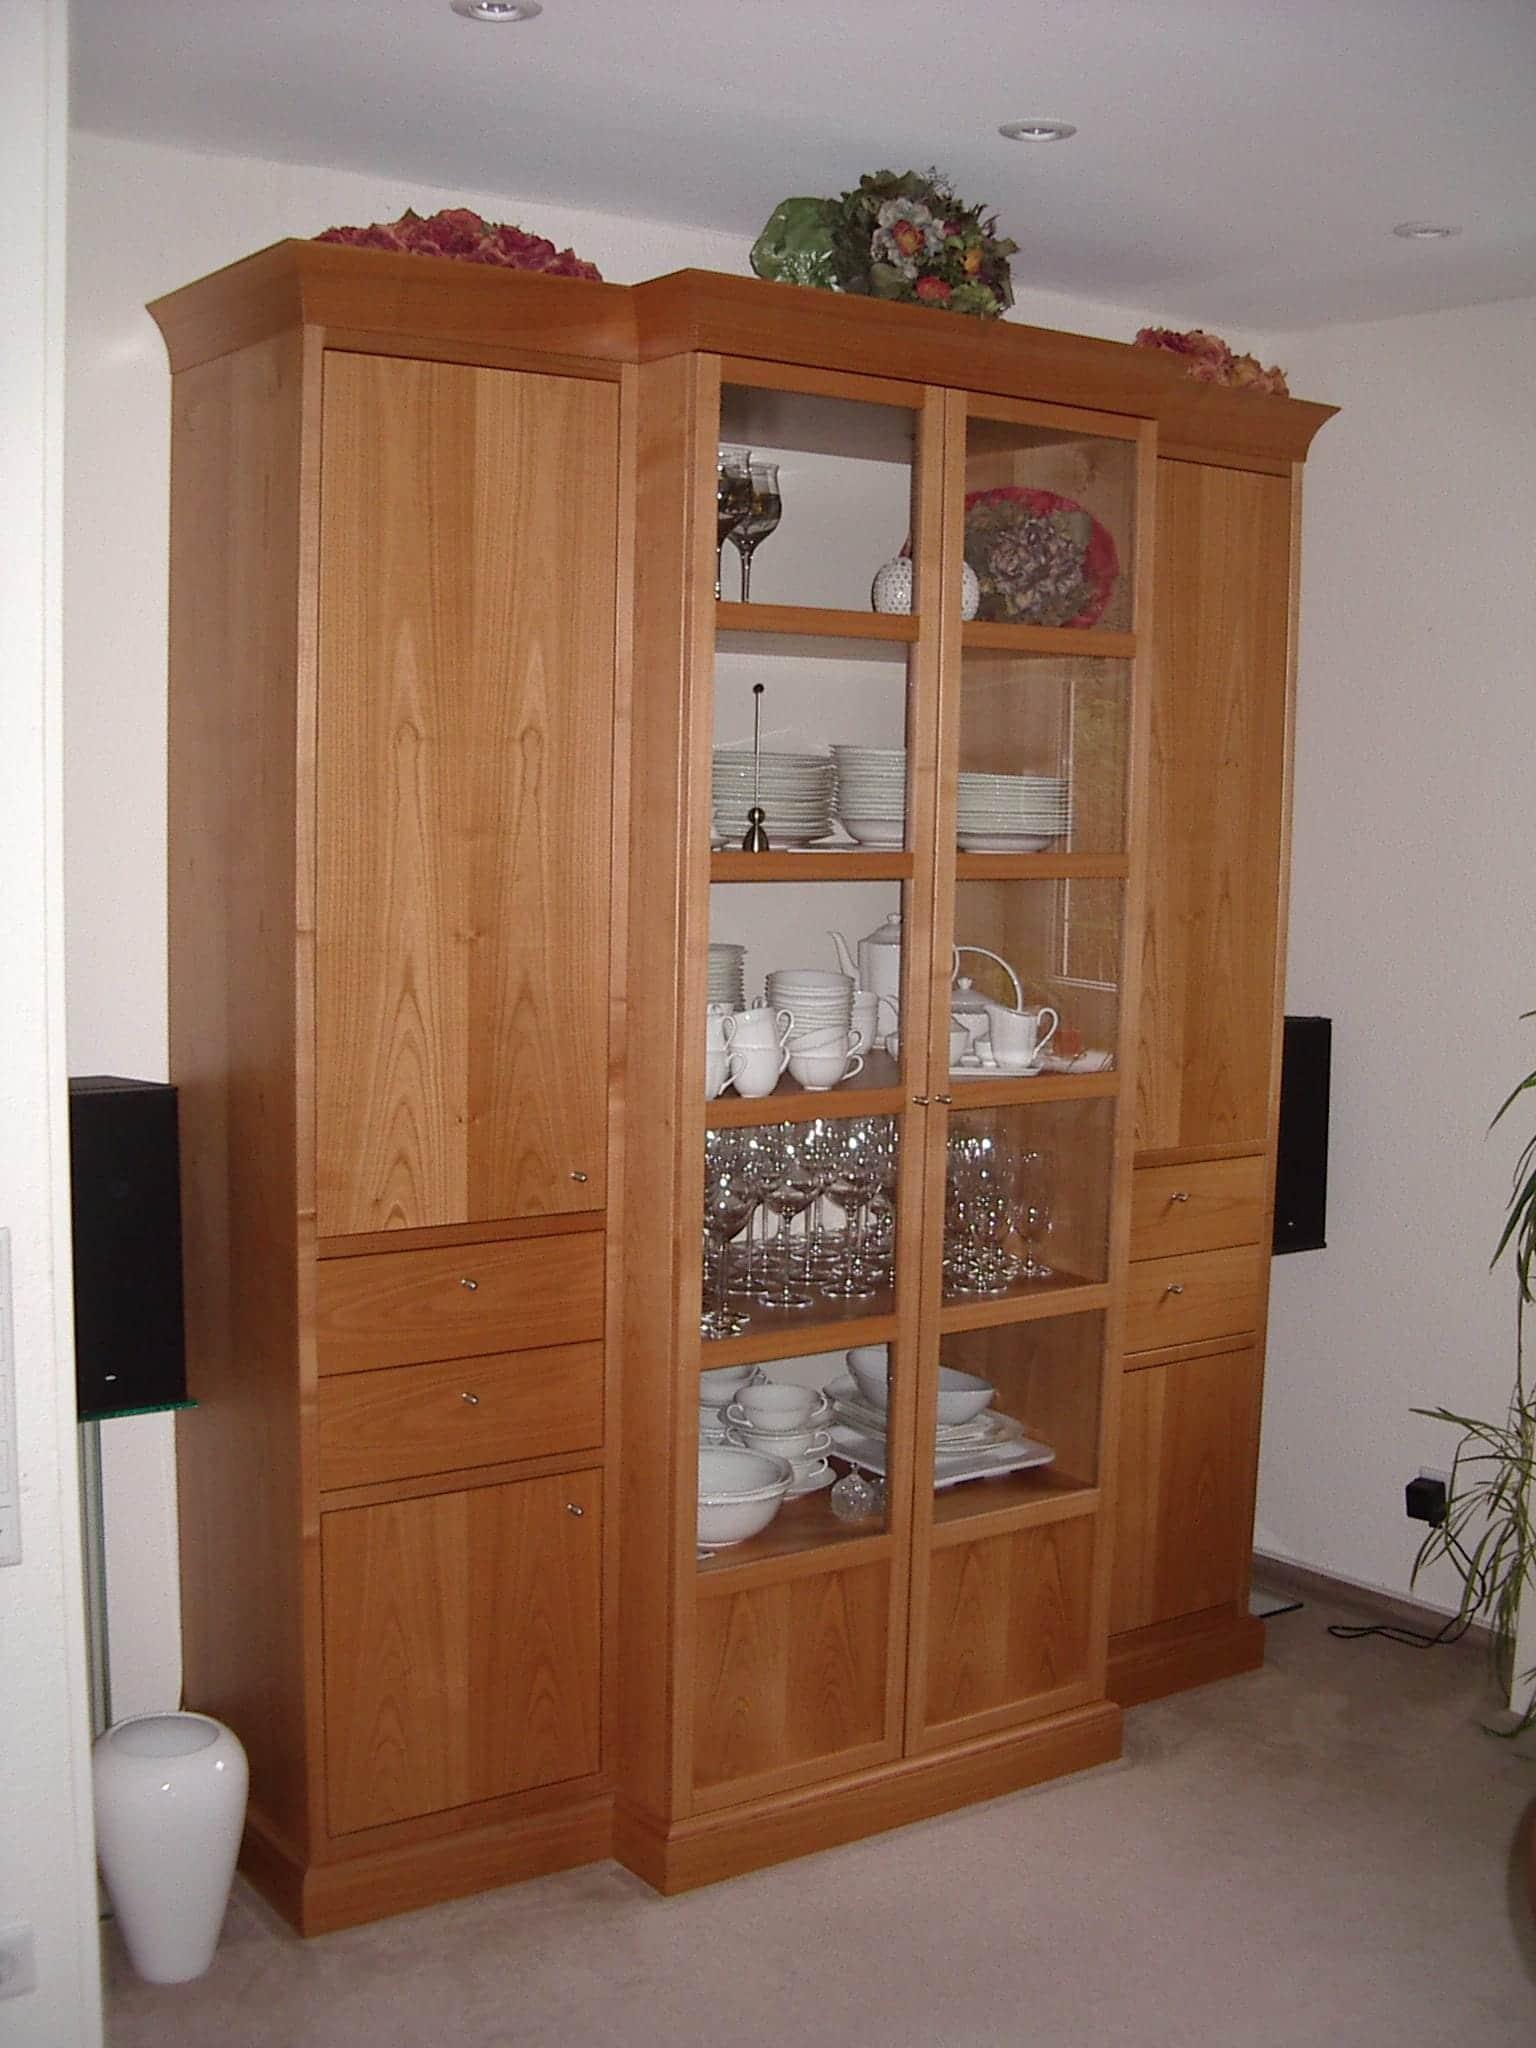 tischlerei-hanses-essen-moebel-handwerk-wohnraum-25